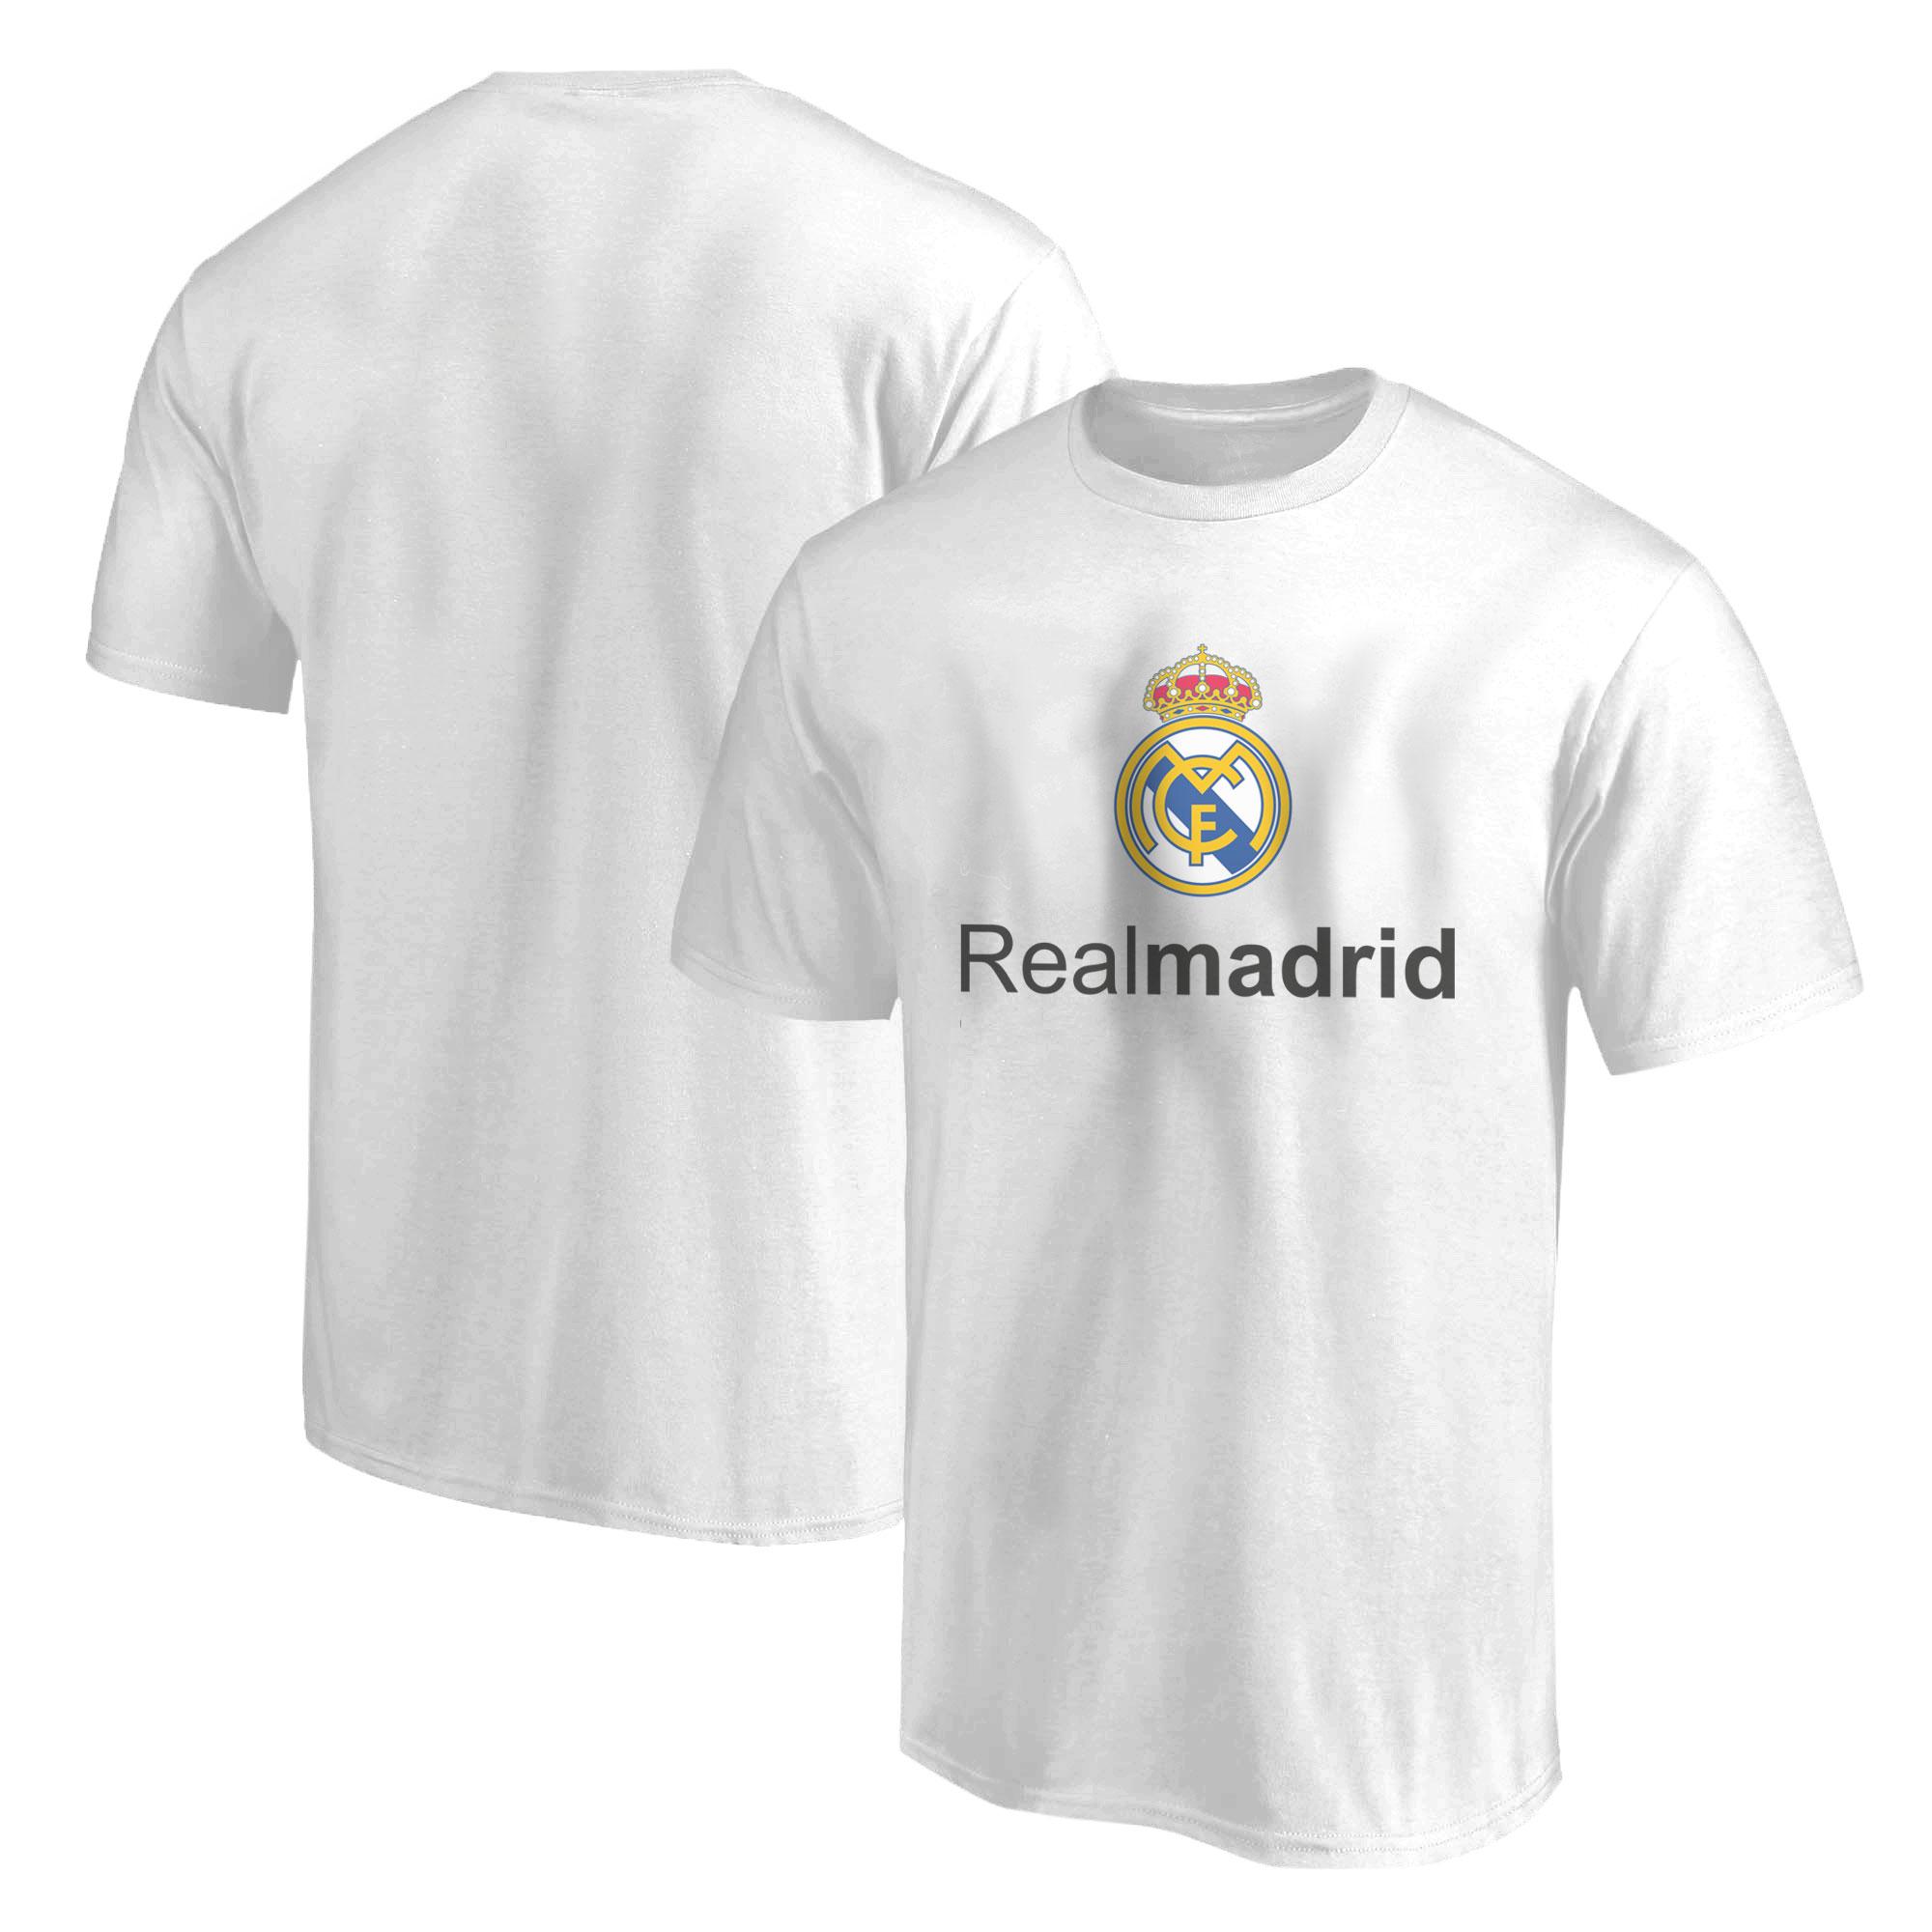 Real Madrid Euroleague Tshirt (TSH-WHT-484-realmadrid)